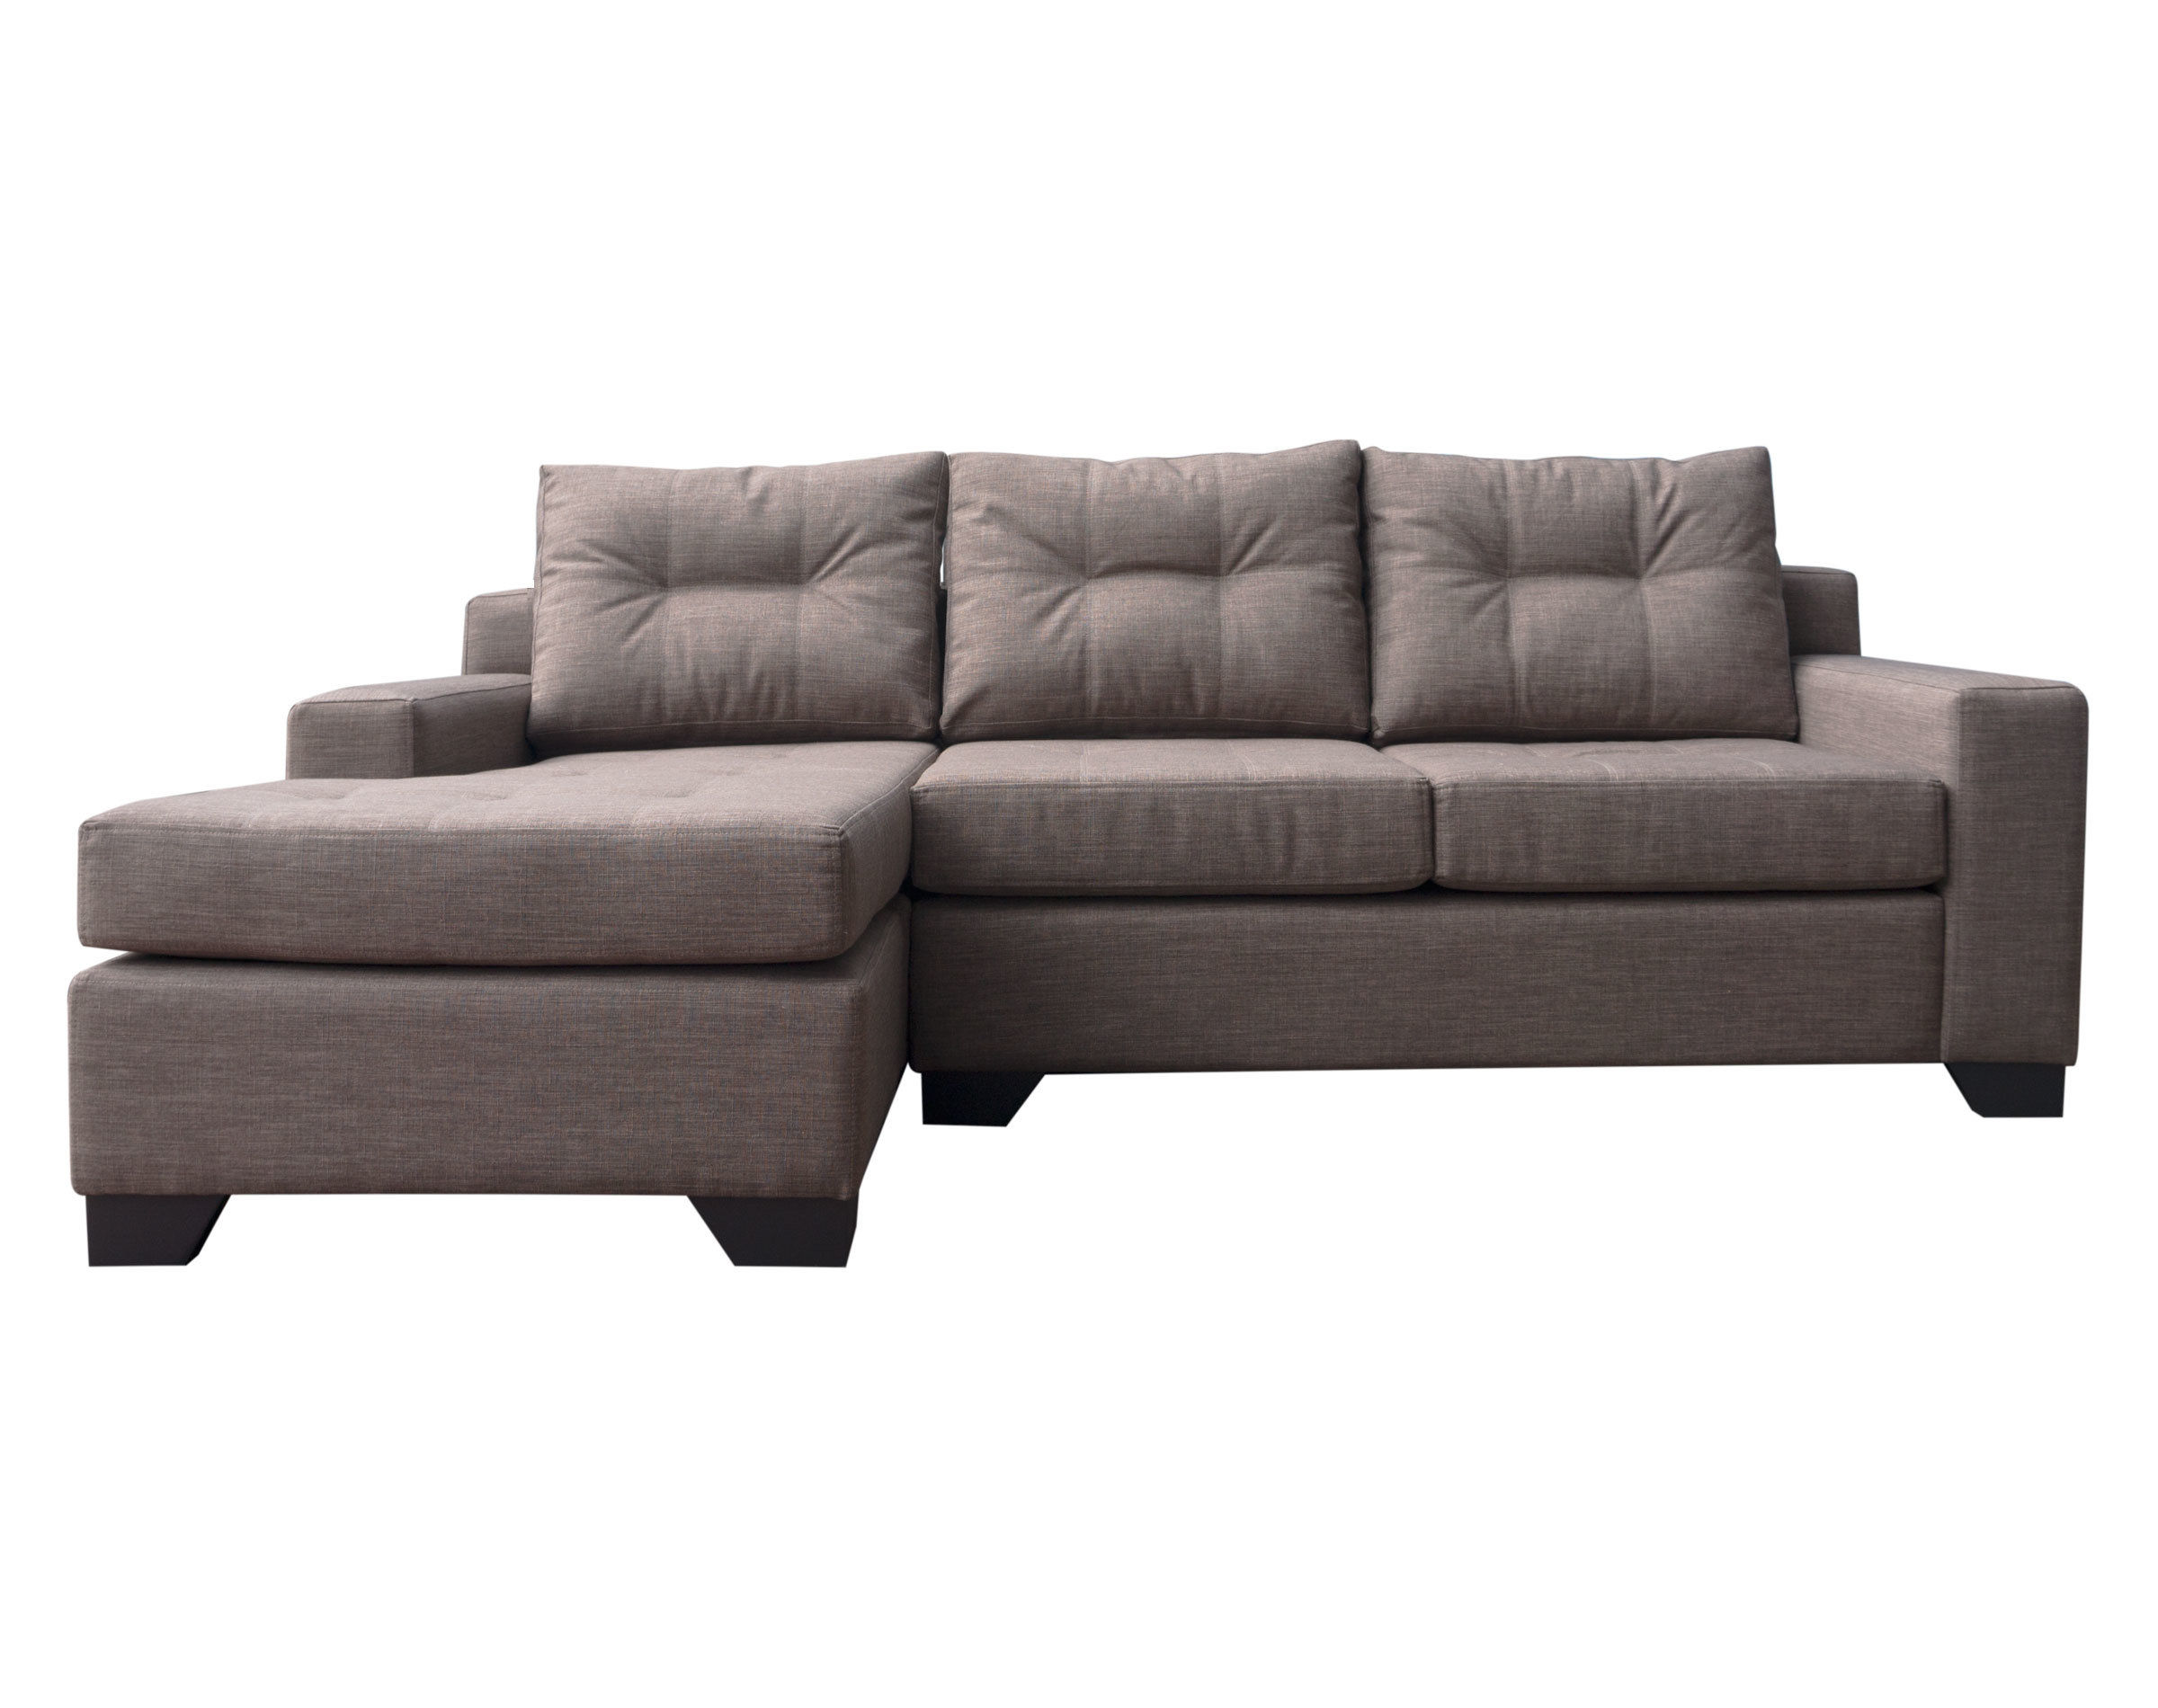 Sofá seccional personalizado con respaldo continuo